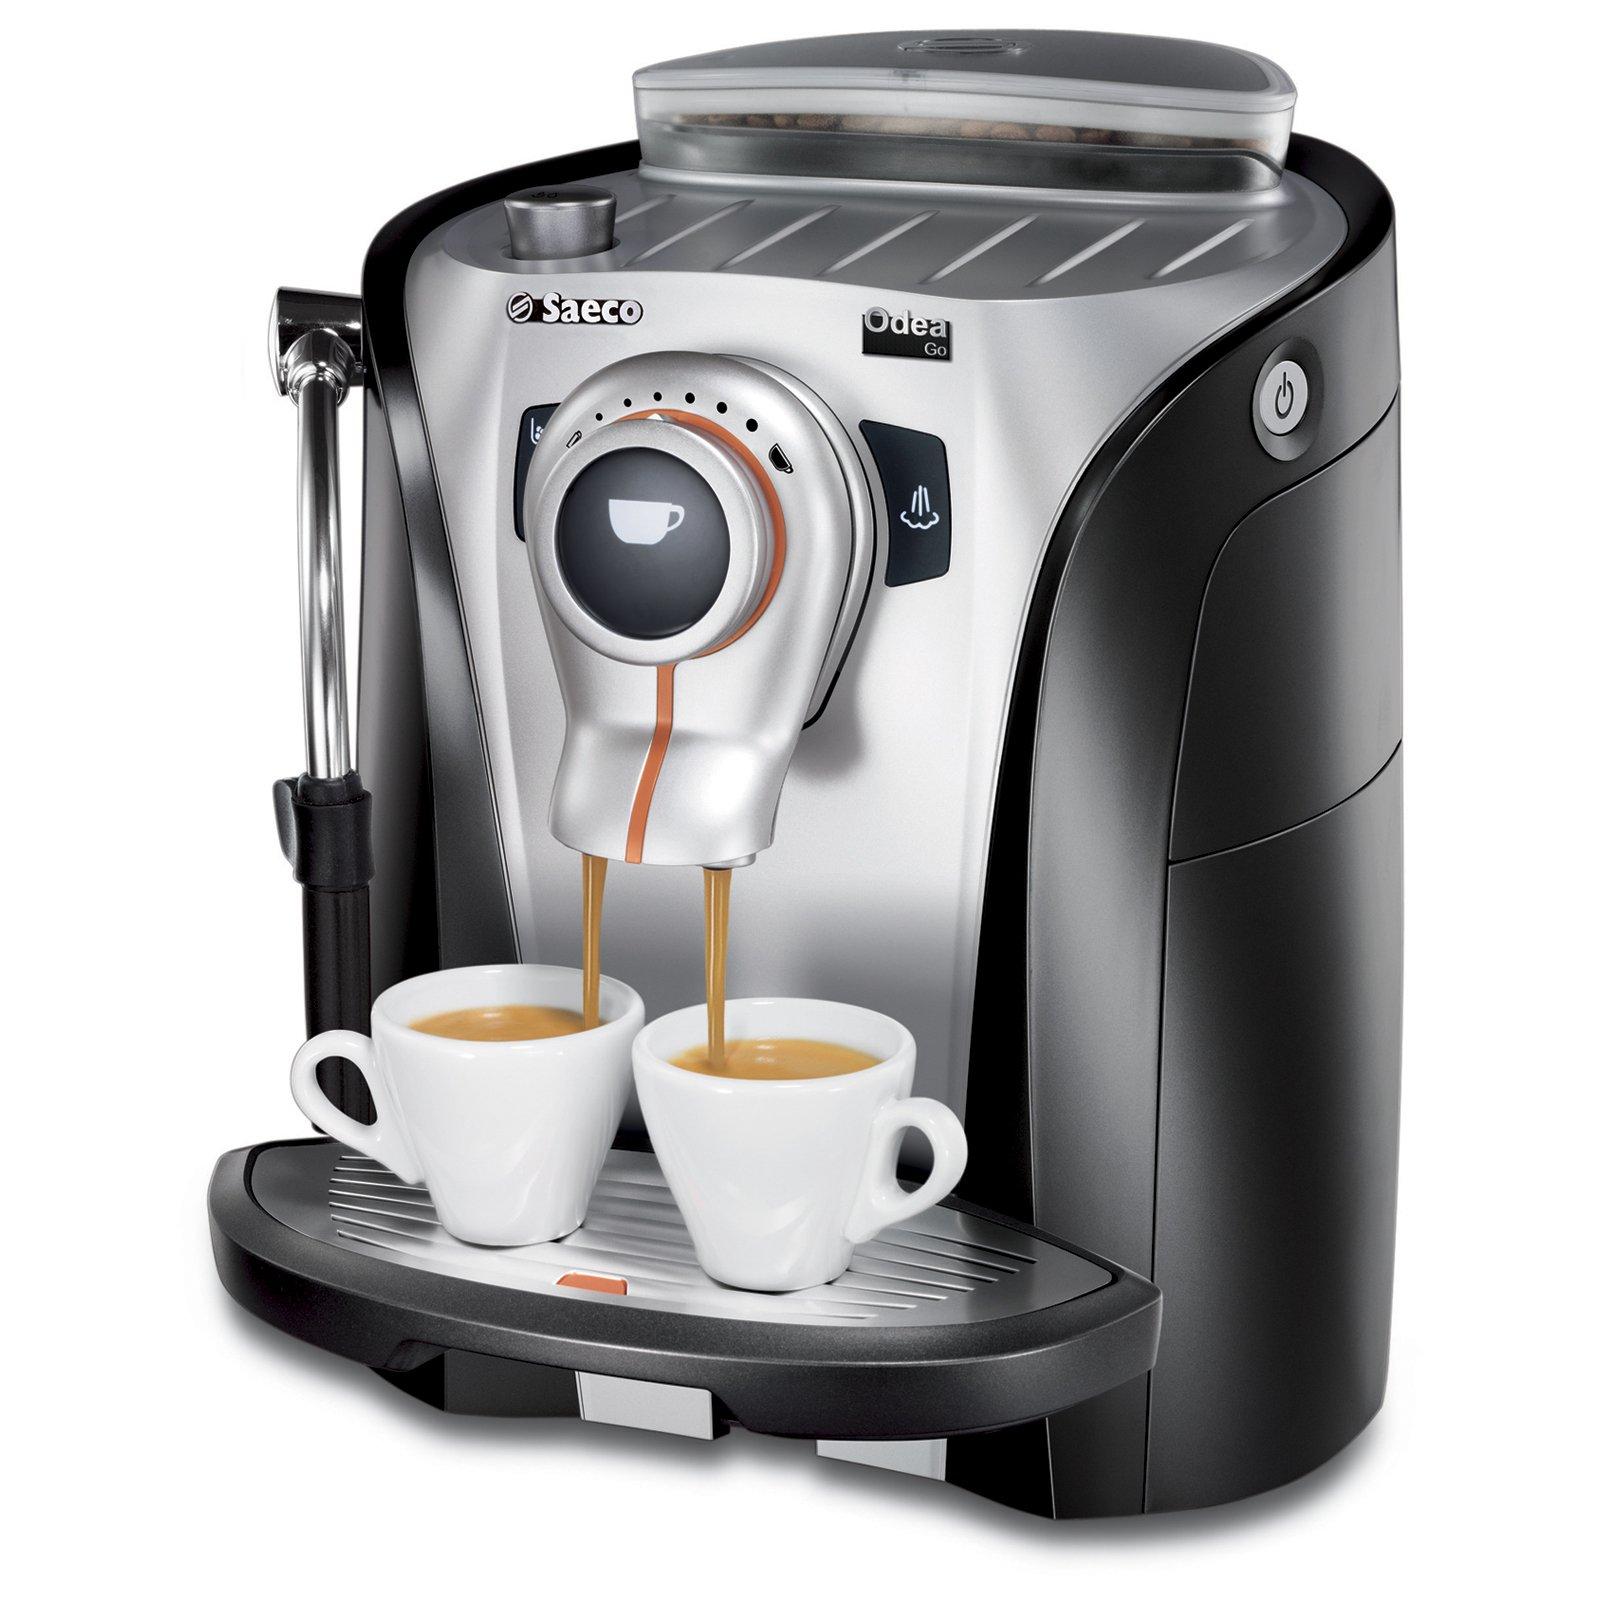 Care sunt caracteristicile de care trebuie tinut cont atunci cand ne alegem espressorul de cafea?